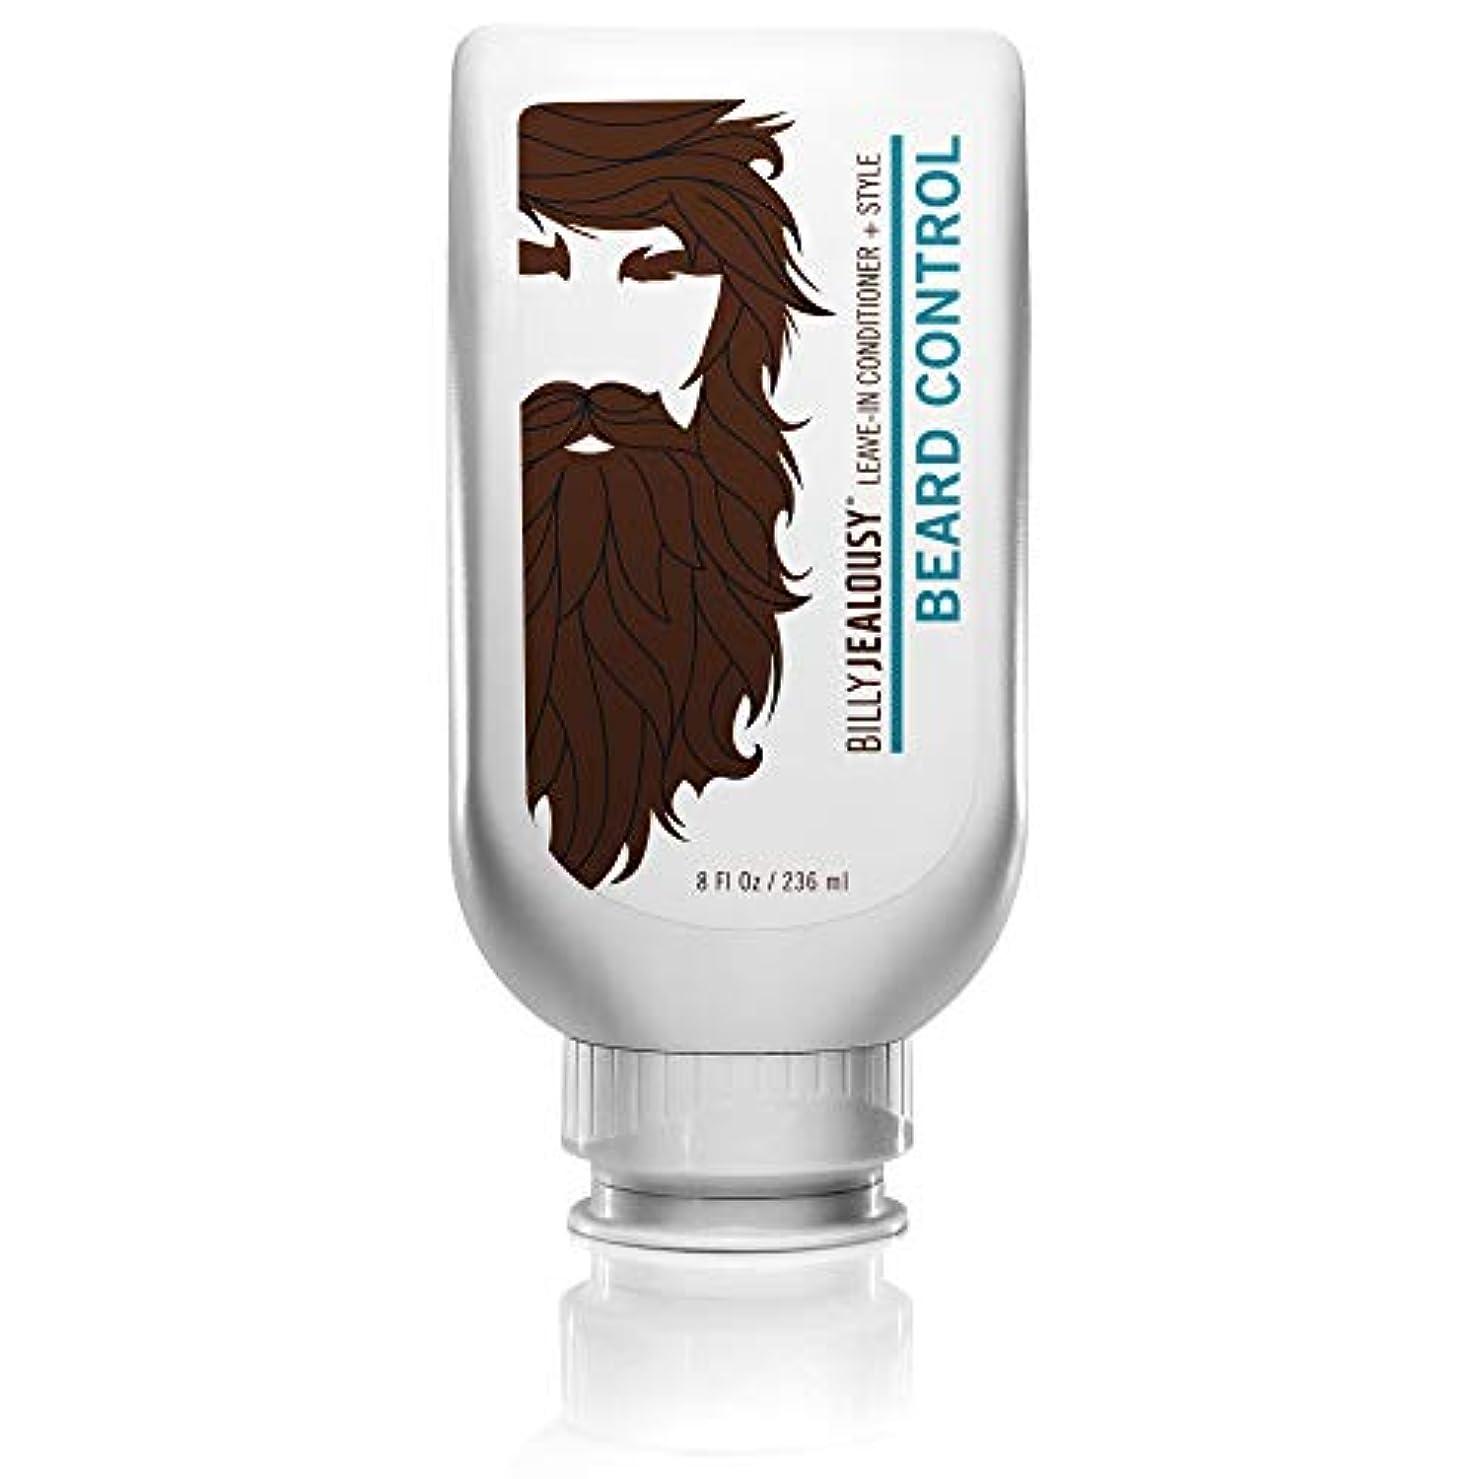 裏切り者実行可能移動ビリージェラシー Beard Control 236ml/8oz並行輸入品